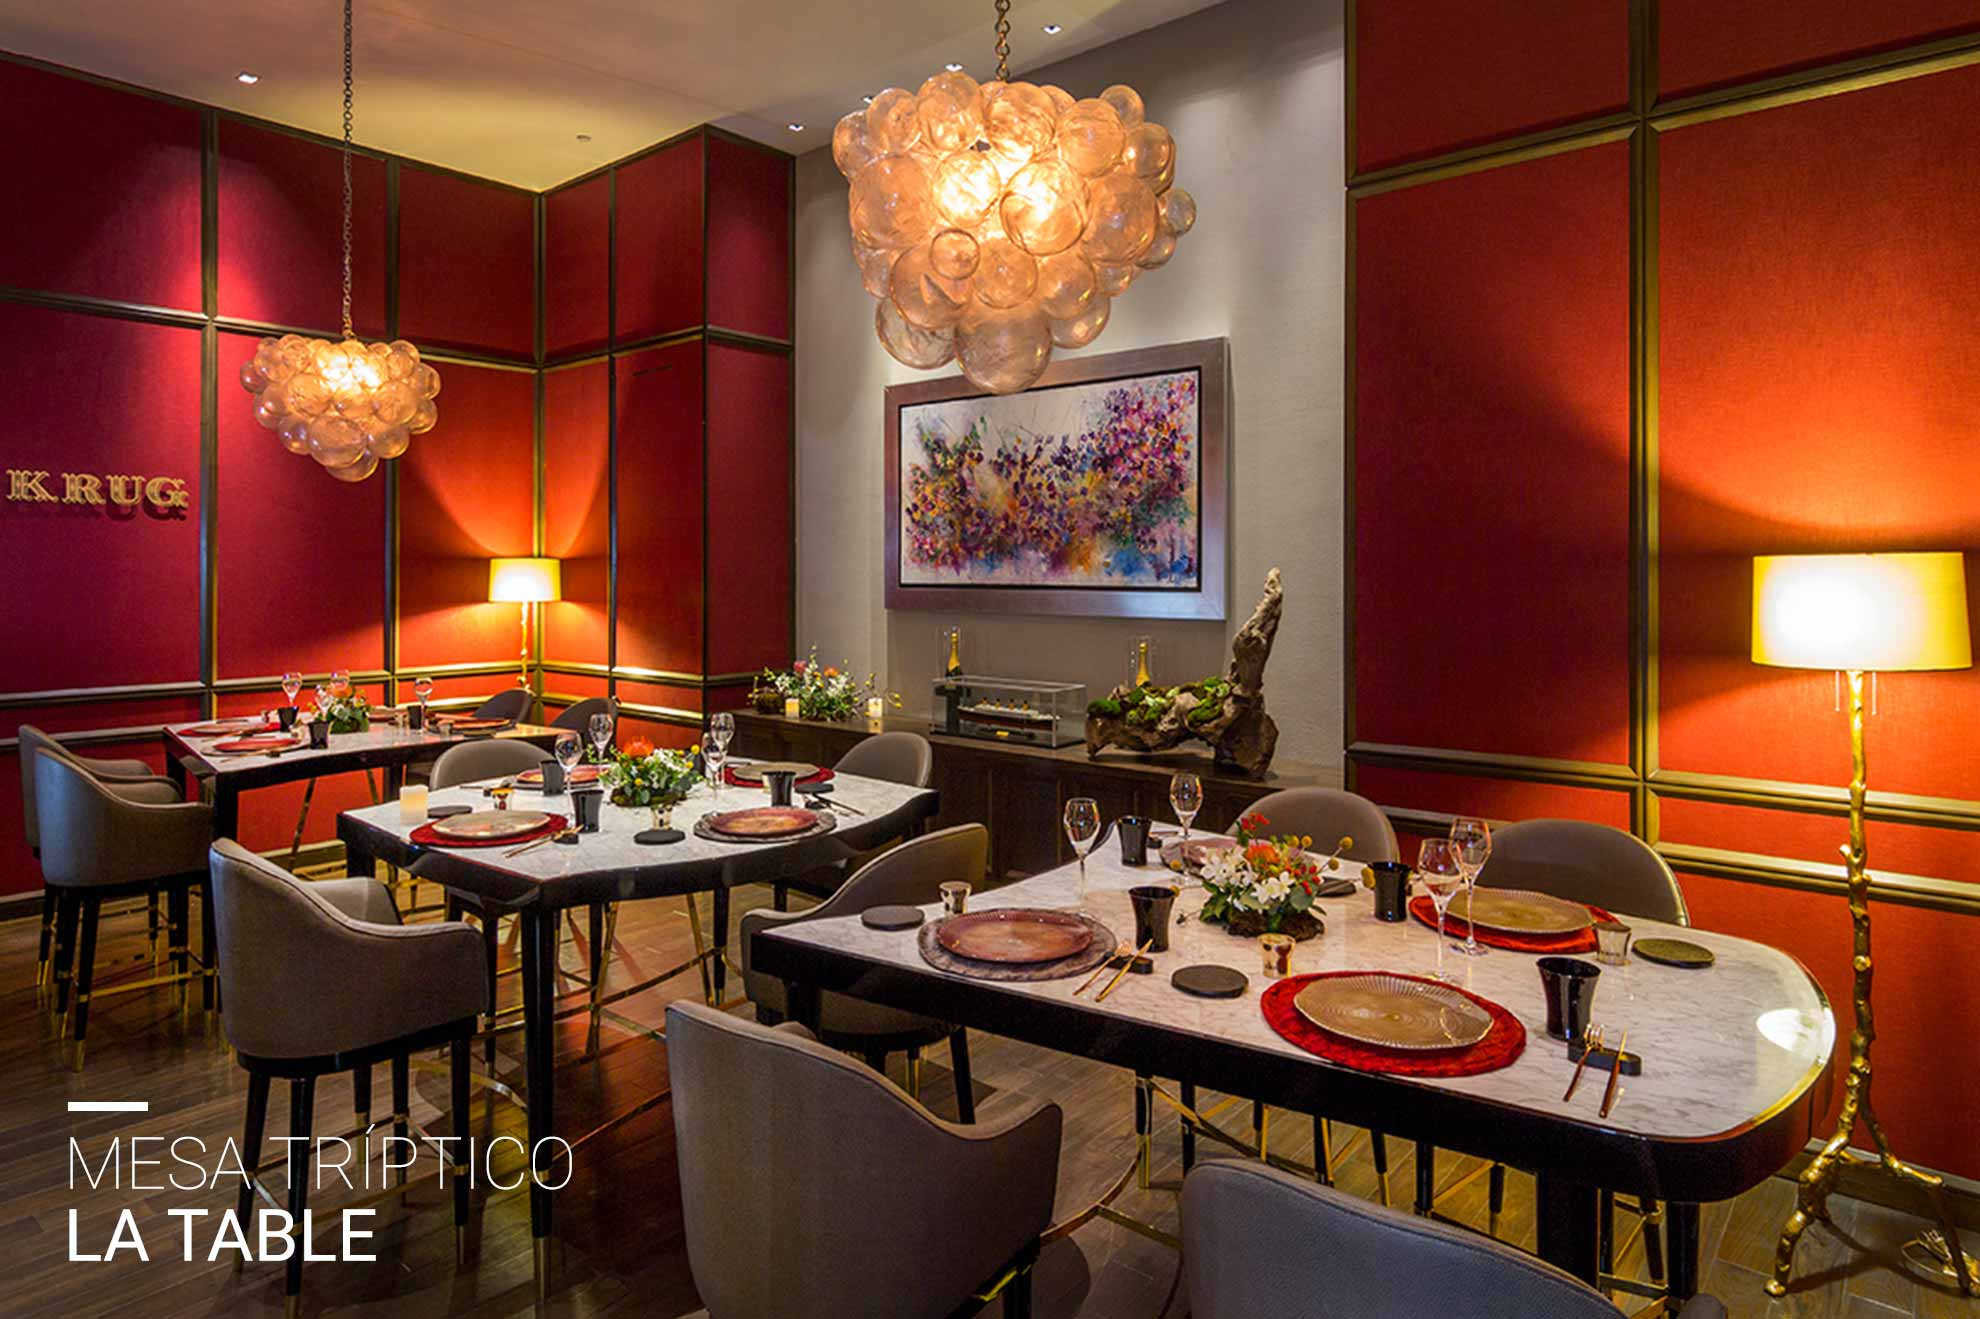 Mesa tríptico La Table para 12 comensales, ubicada en l hotel St.Regis México, creada por Depa 102